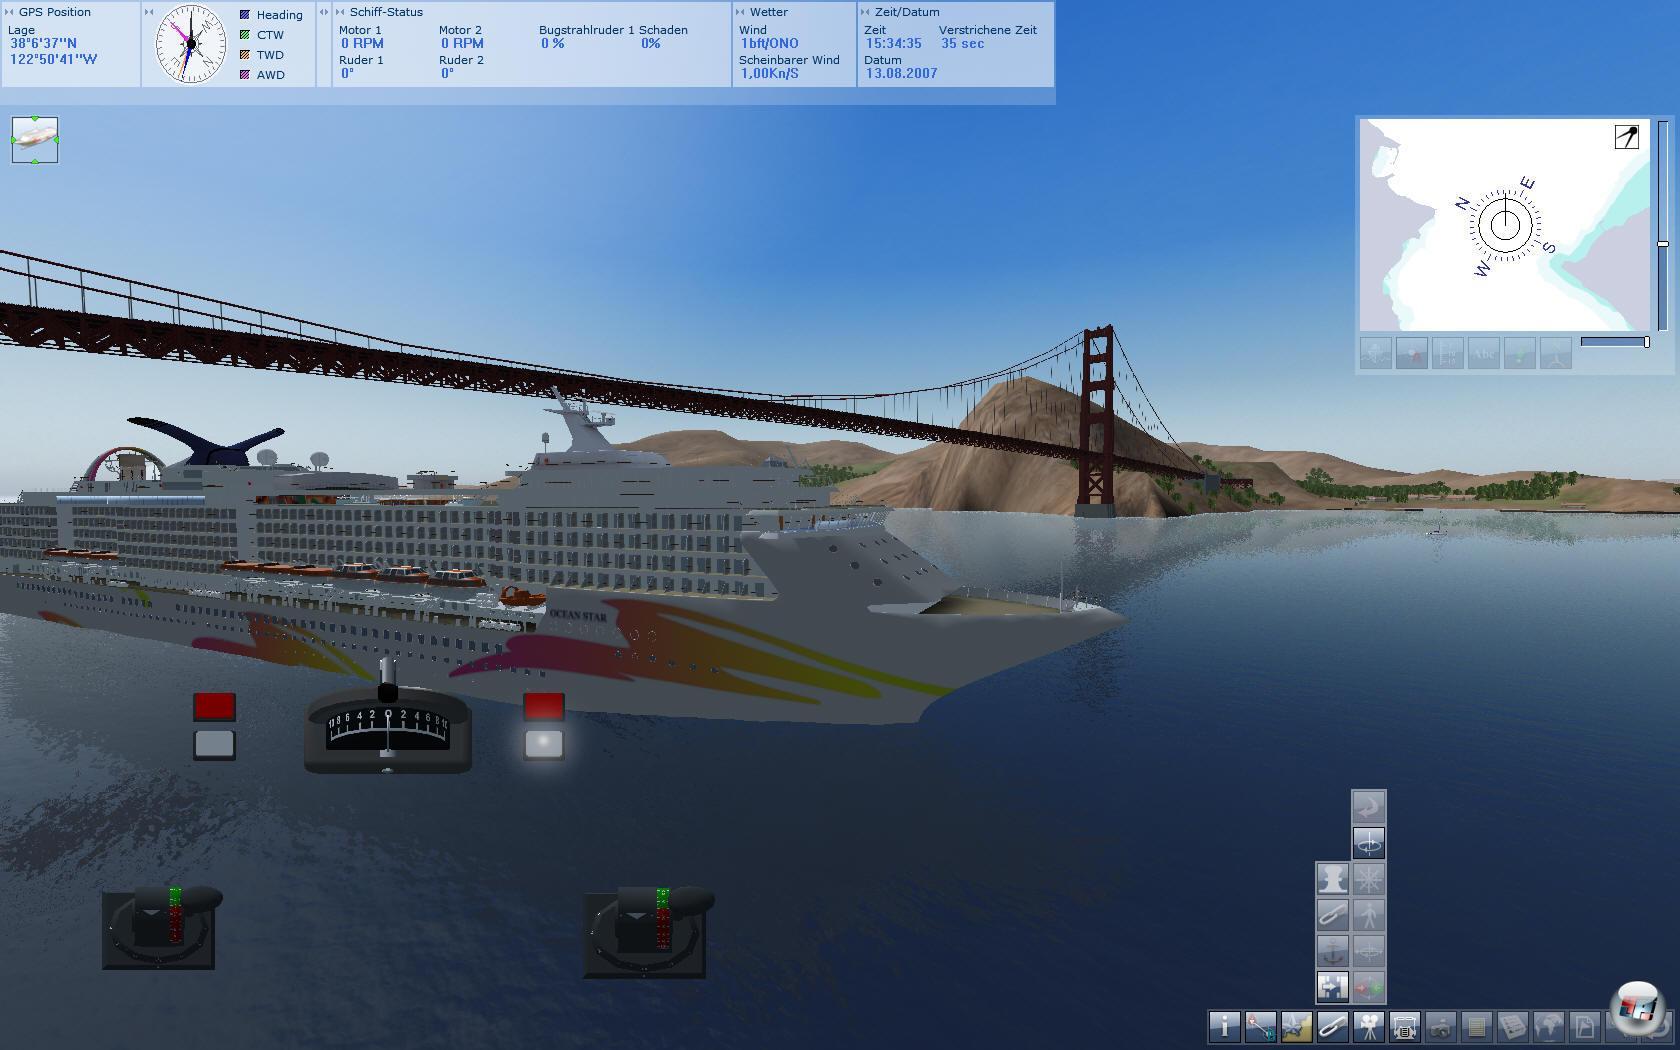 schiff navy spiele